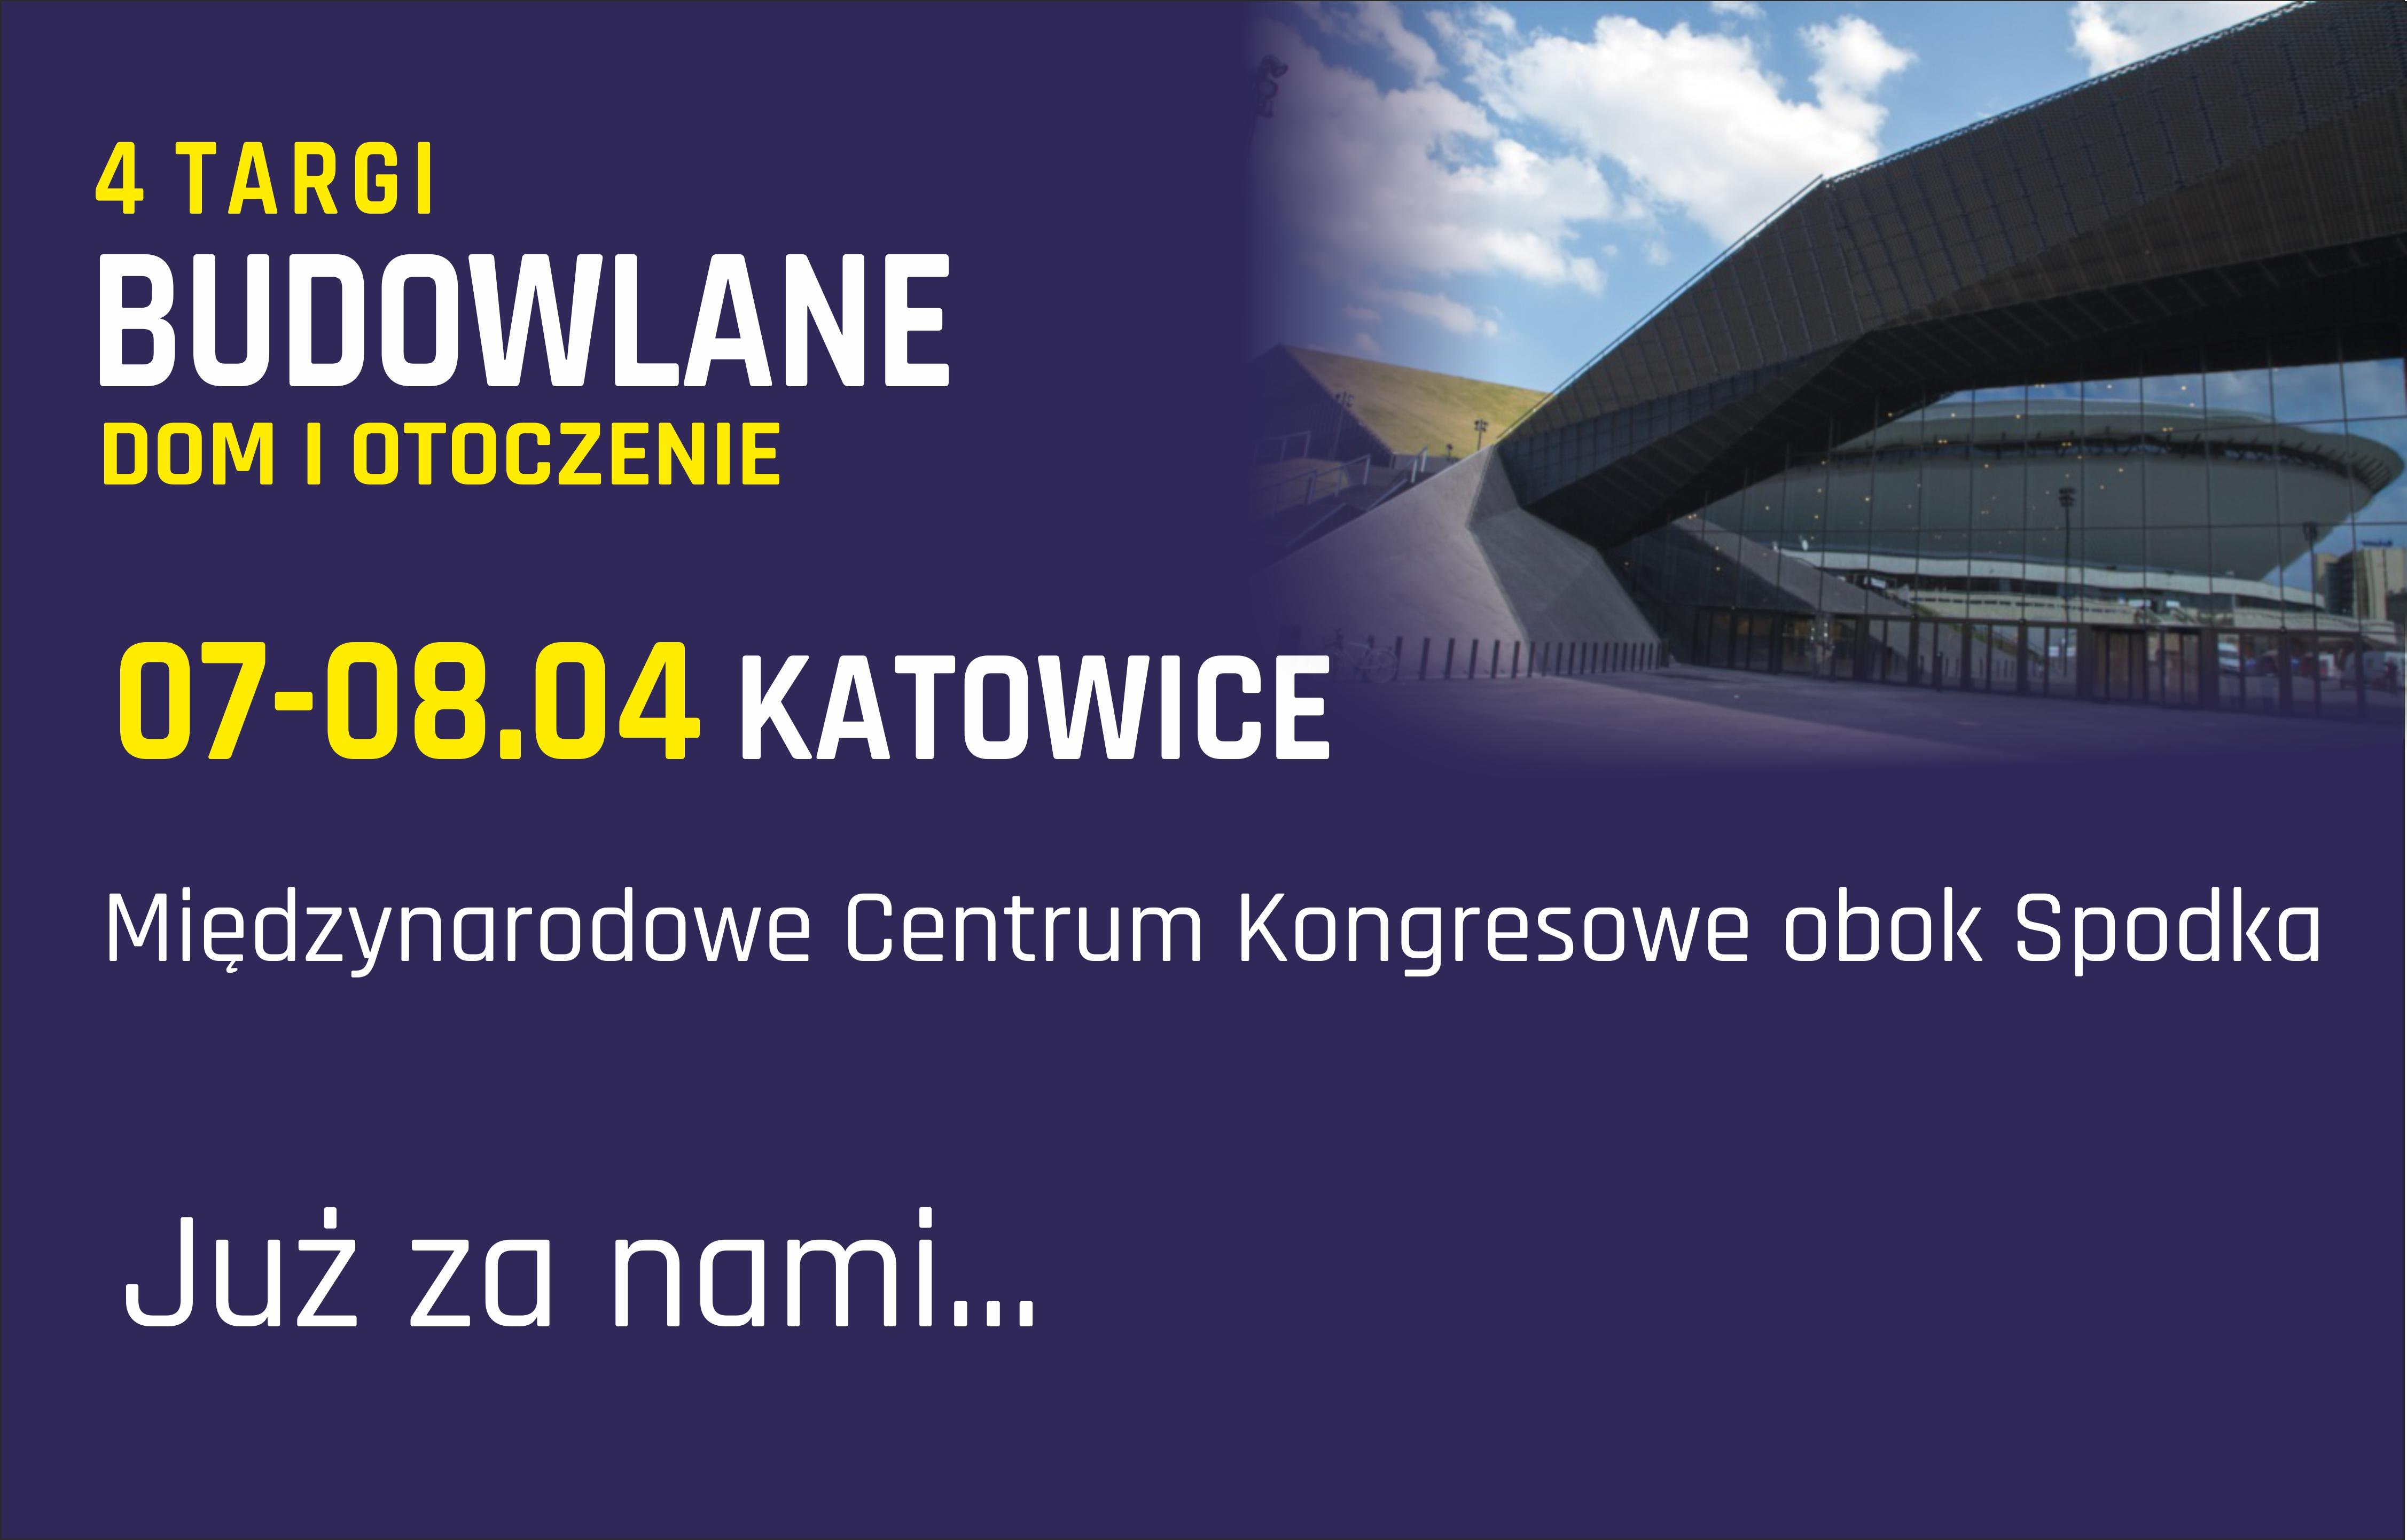 Nagrodzone Firmy podczas targów... Promocja-Targi.pl